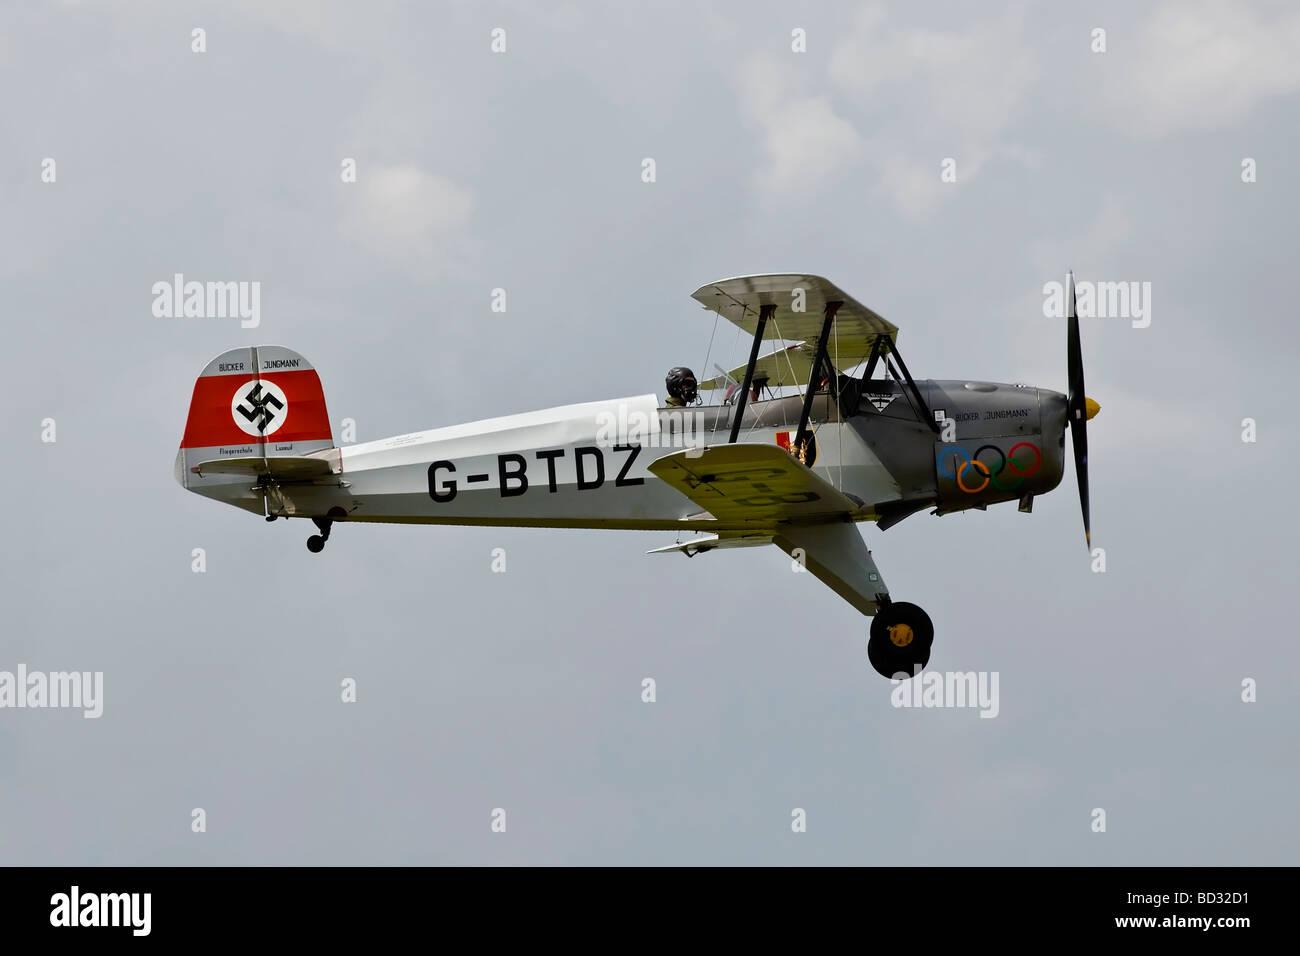 A Luftwaffe Bucker Bu131 Jungmann biplane WW2 training aircraft - Stock Image